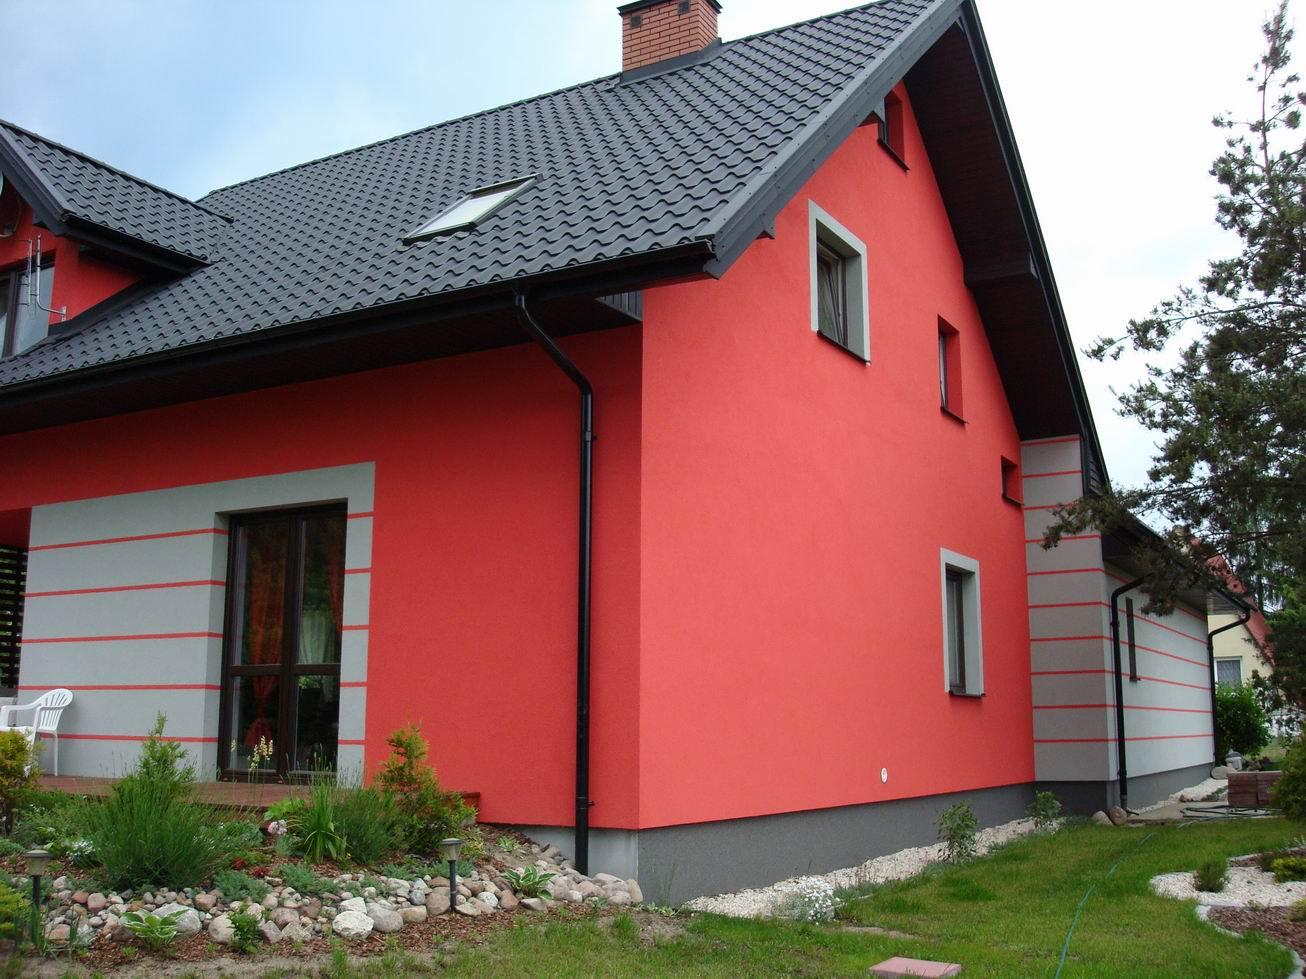 proyekt-doma-prostornyy-fot.-2-1398165537-1m1drvyw.jpg